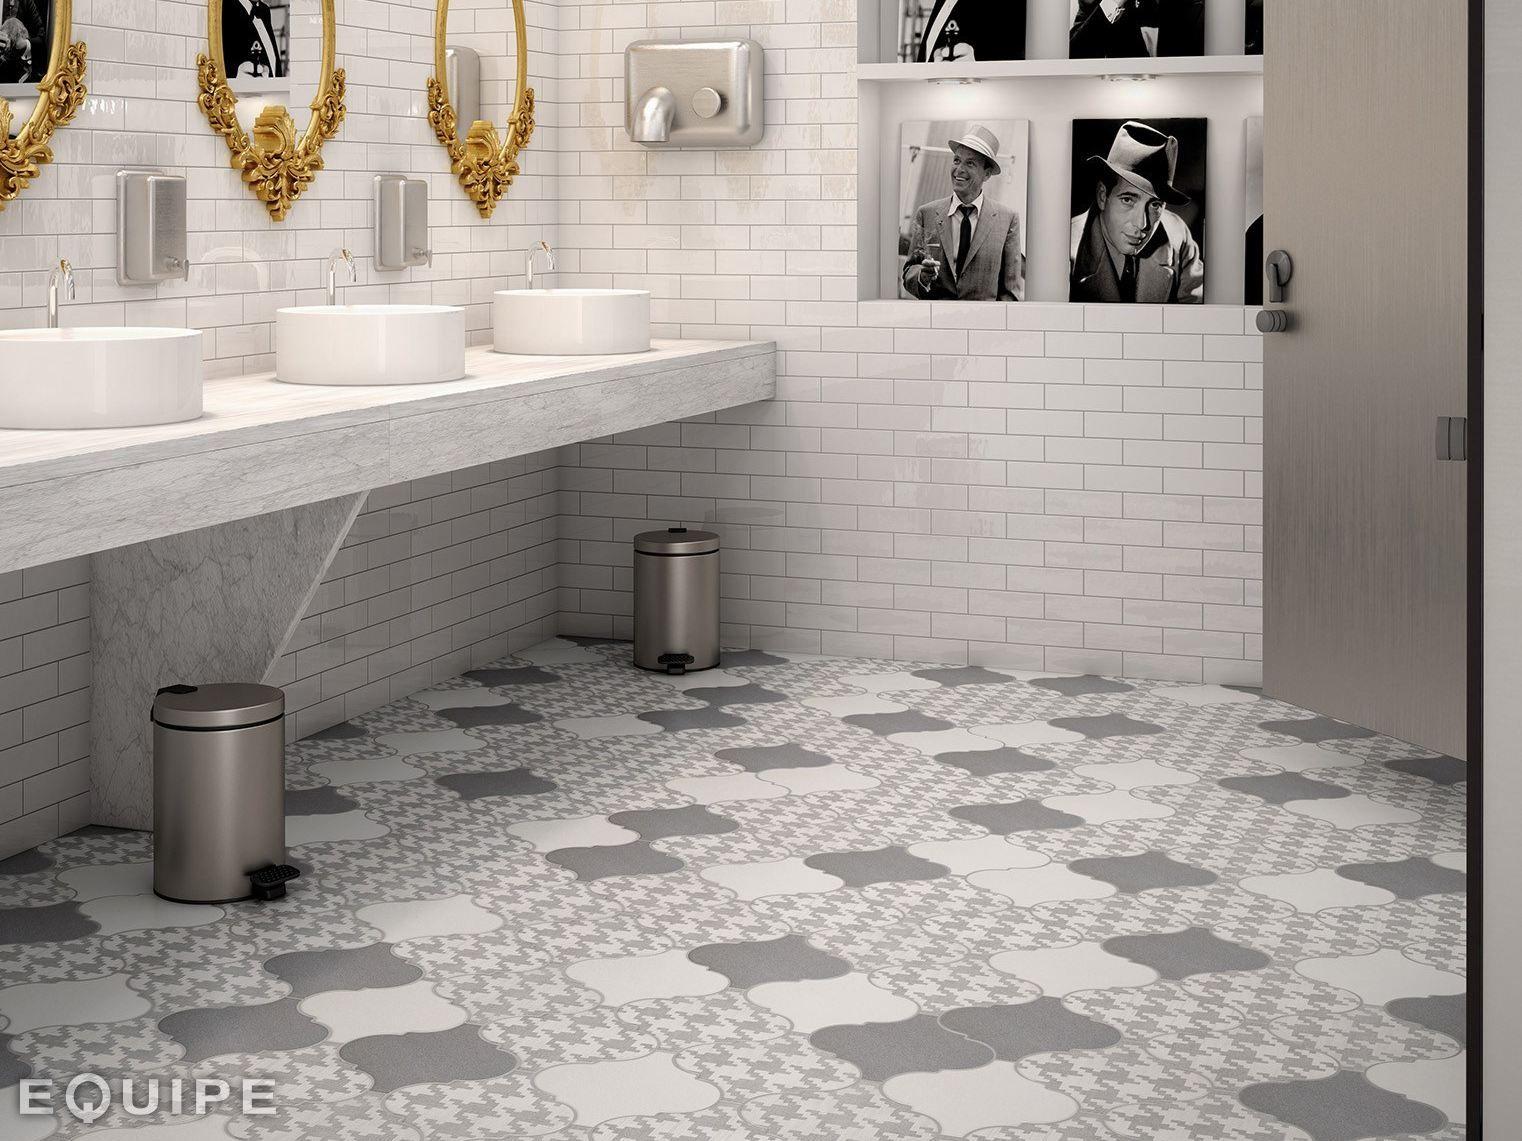 Arabesque Tile Floor Bathroom Grey White 8 Jpg